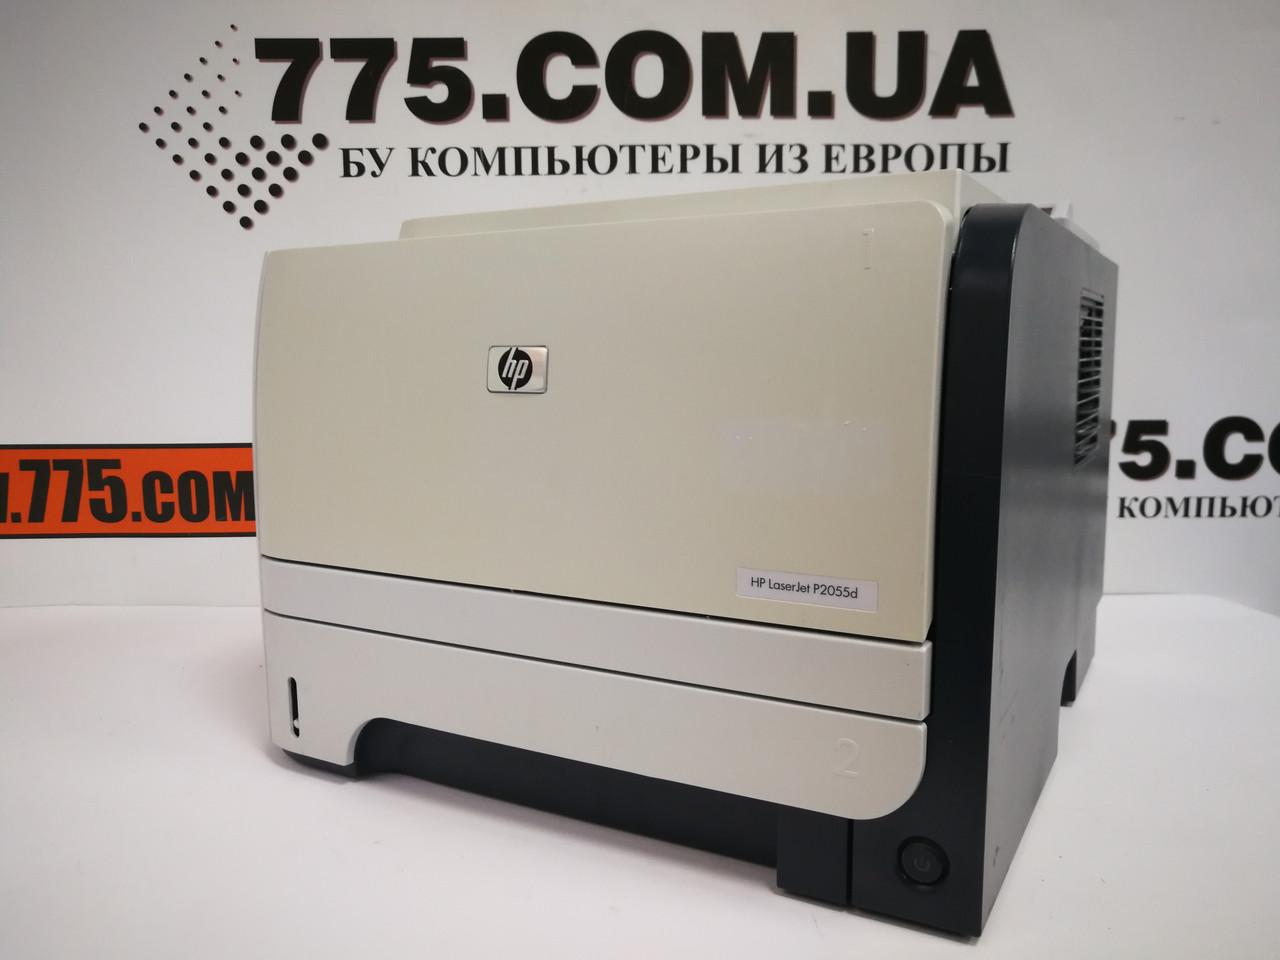 Лазерный принтер бу HP LaserJet P2055d, картридж 505X (6500 страниц), оплата частями